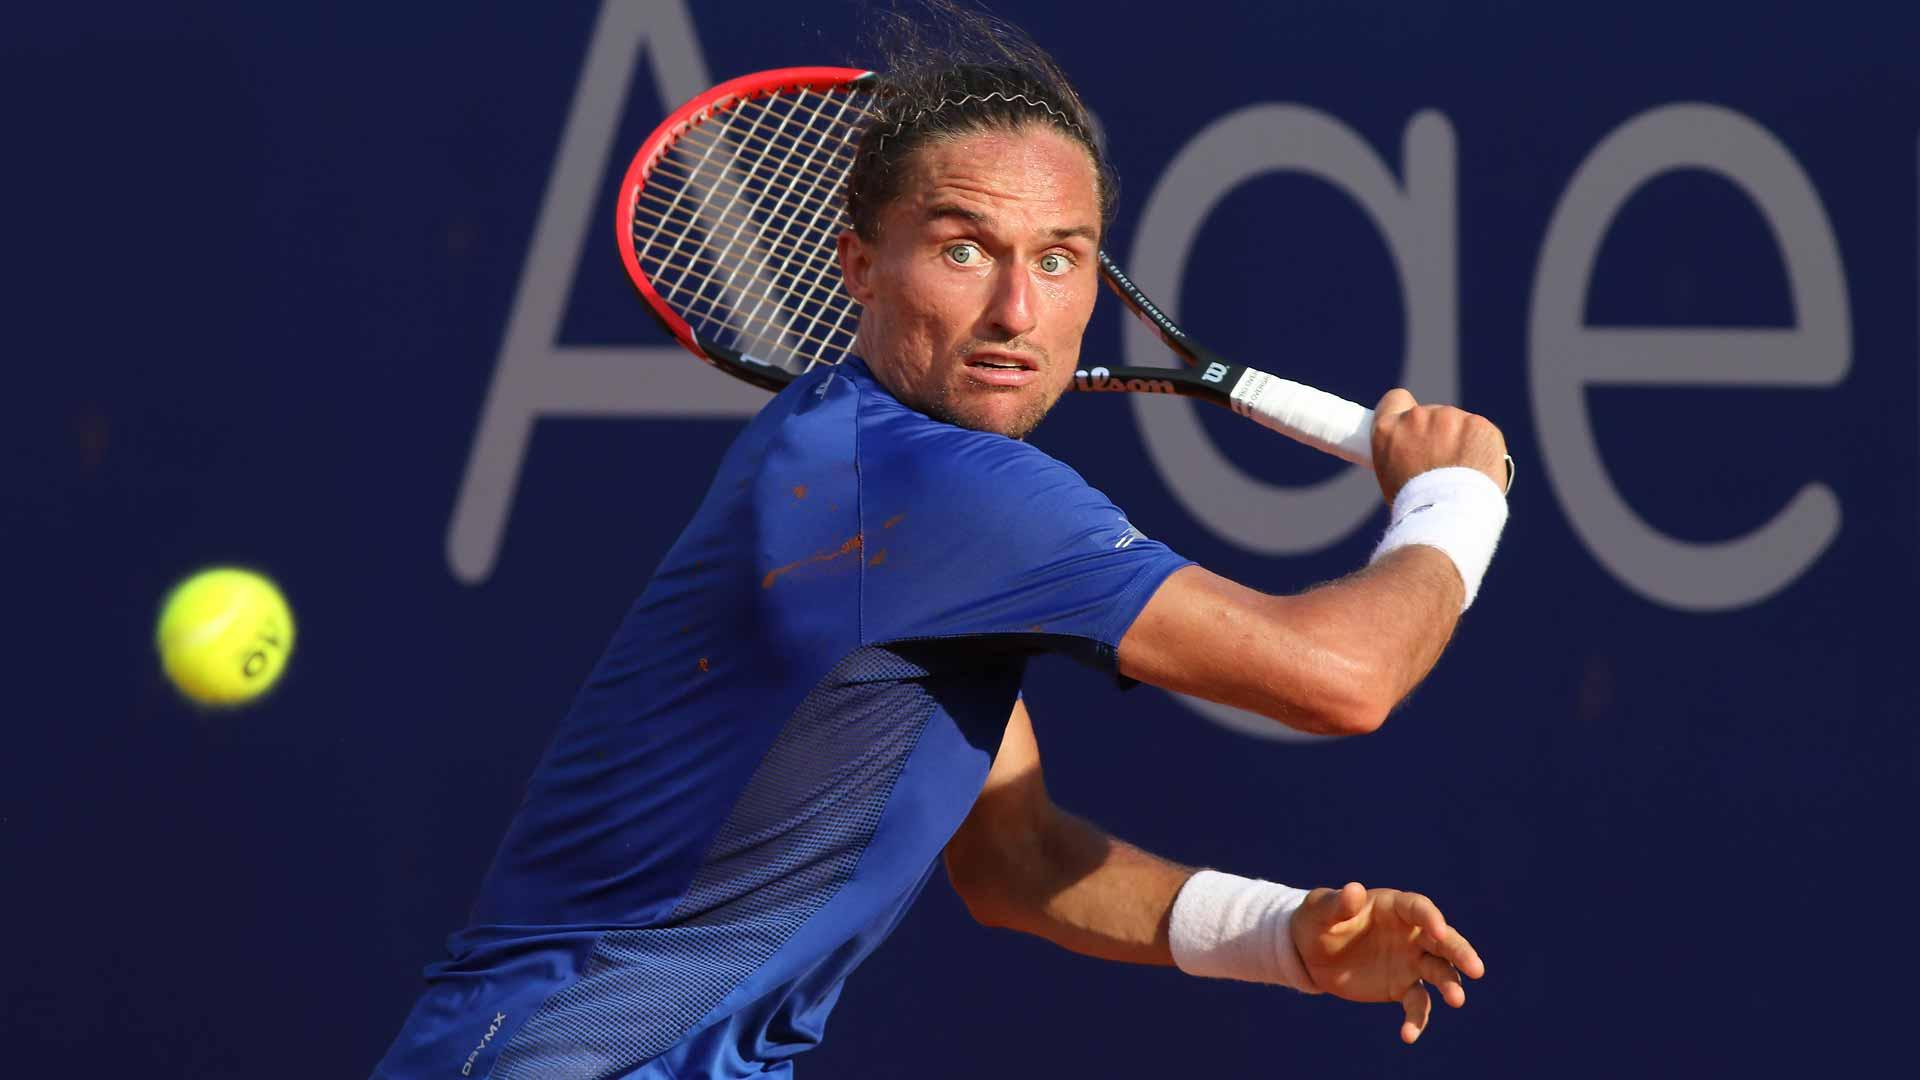 SOC in lumea tenisului: Alexandr Dolgopolov, acuzat de blaturi la pariuri!